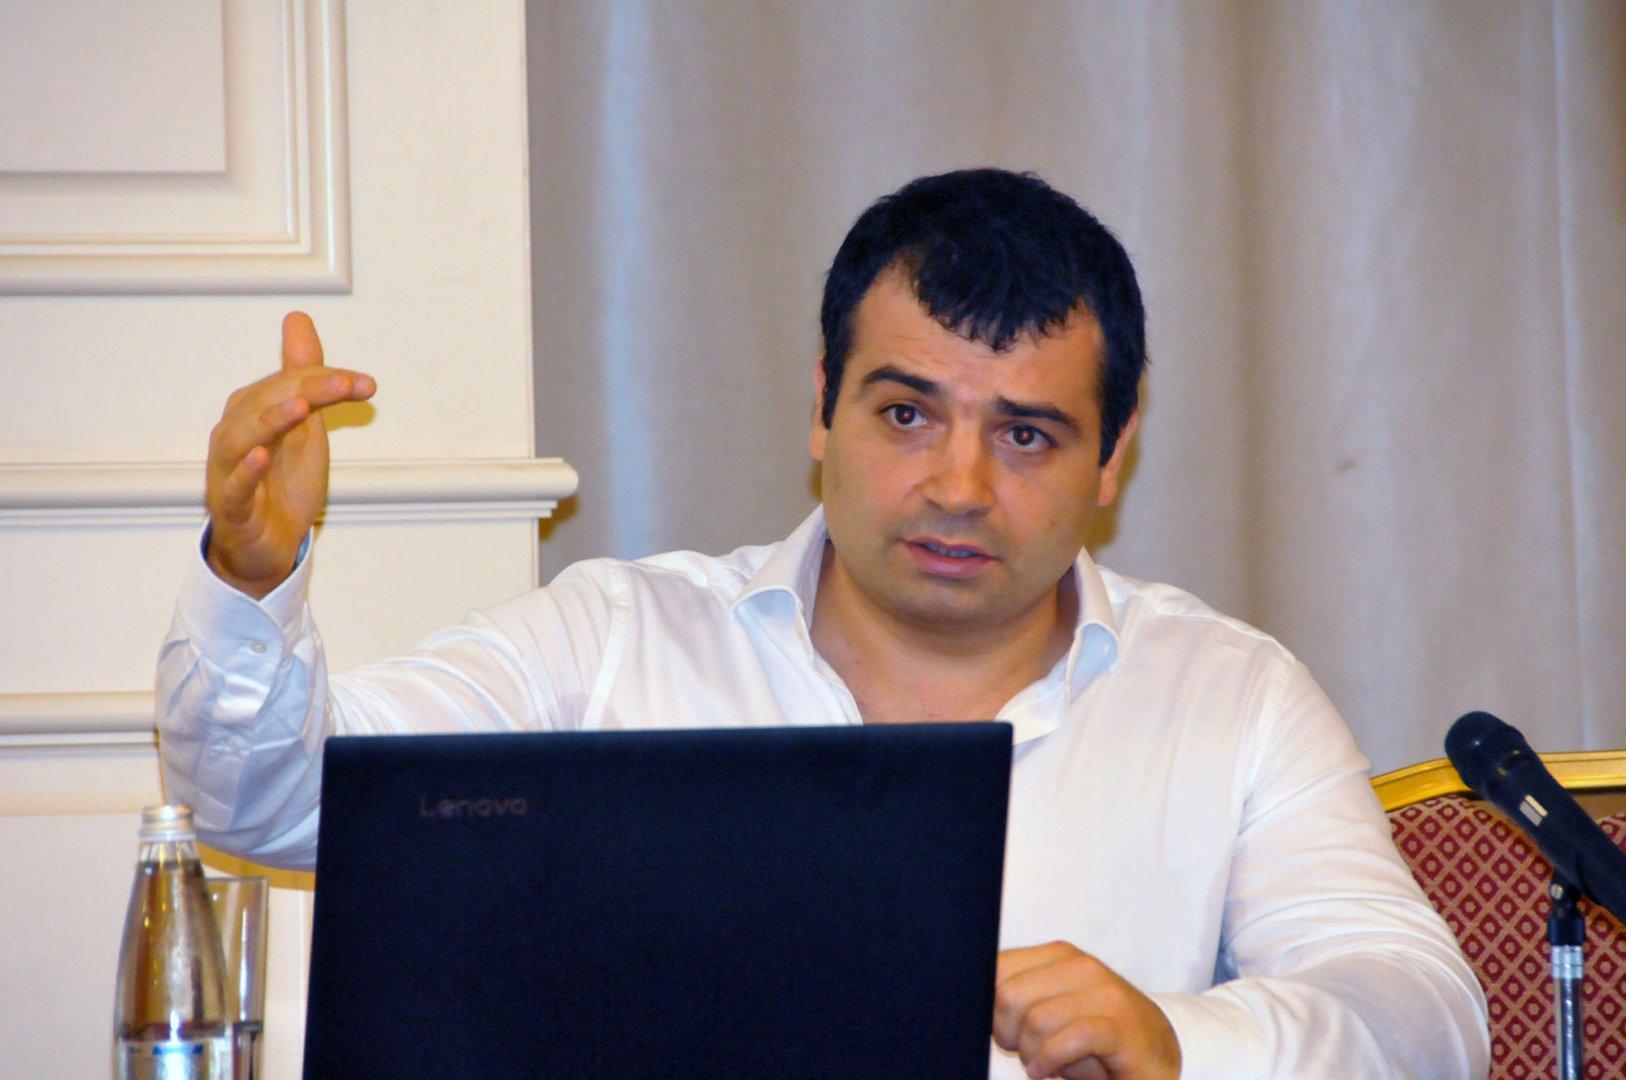 Сега ще се плаща за извозен тон опадъци, не на курс, обясни Бачийски. Снимка Архив Черноморие-бг